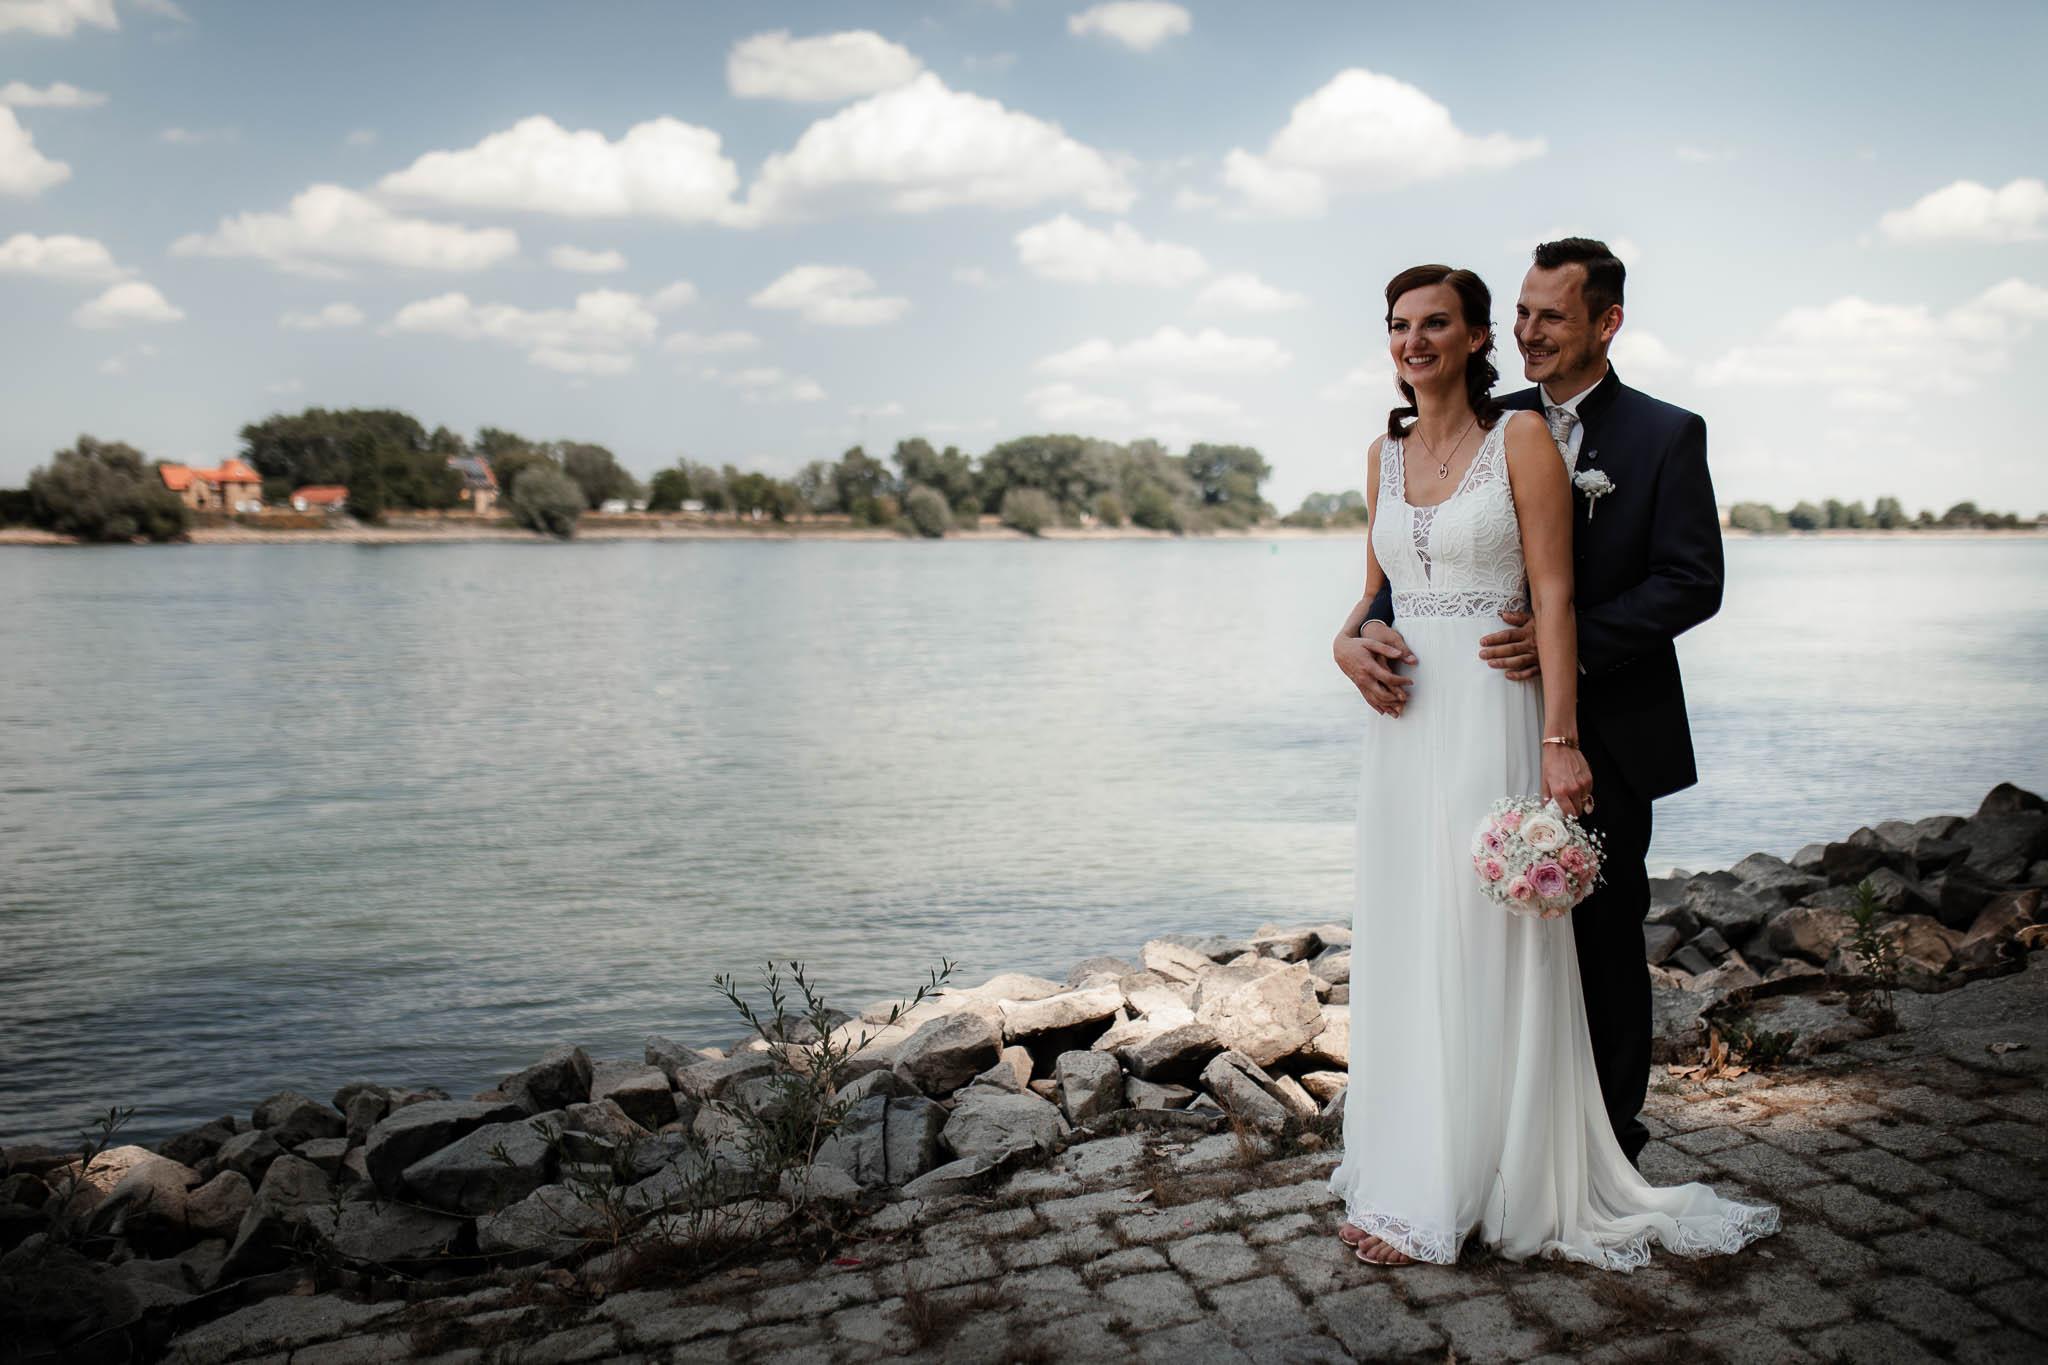 Hochzeitsfotos Oppenheim: Das Brautpaar steht am Rhein und albert herum